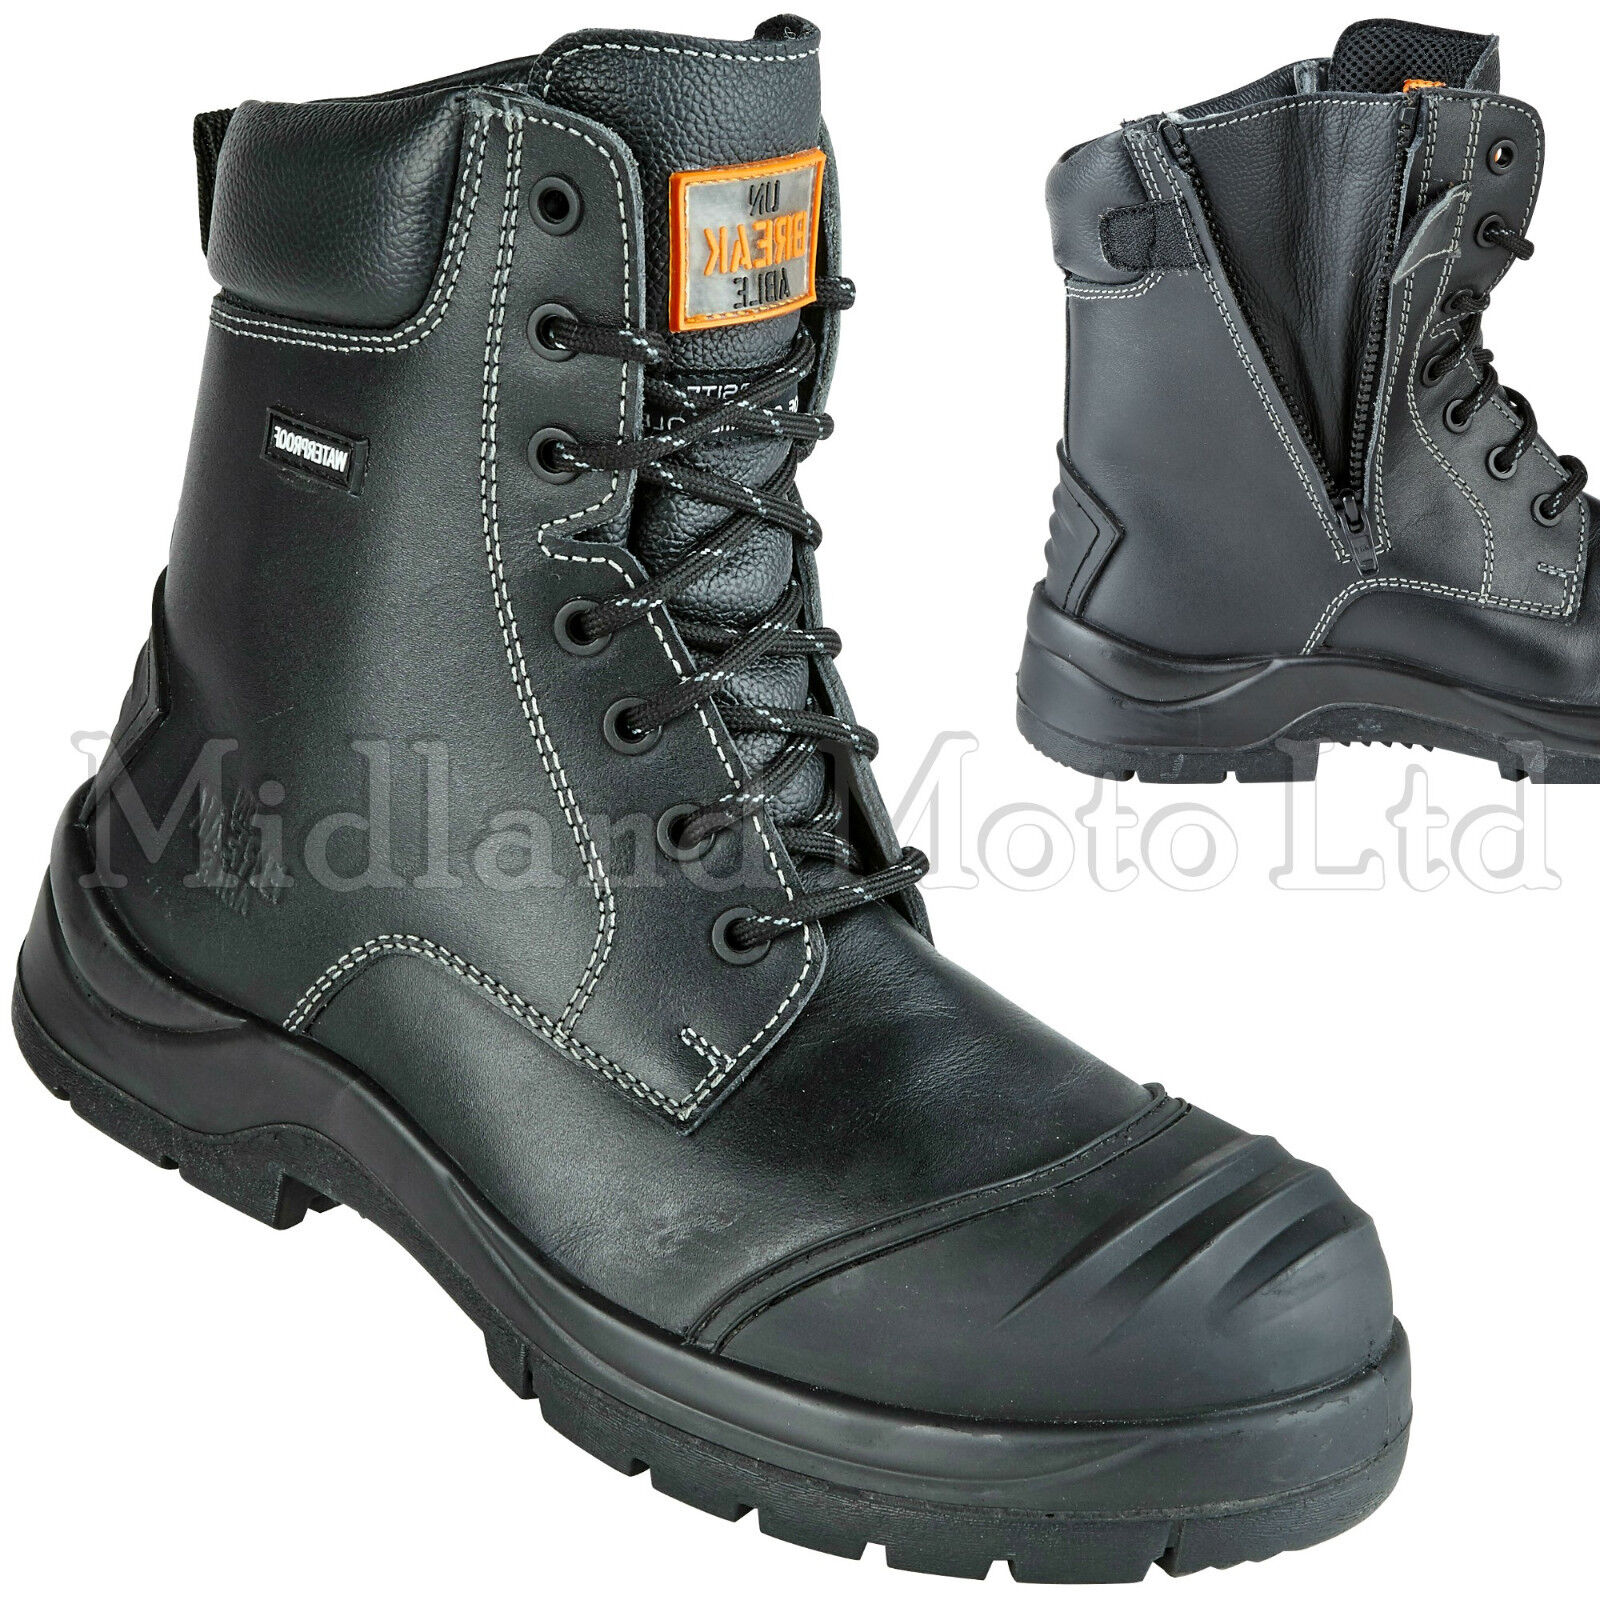 Composite Toe Combat Cap Waterproof Leder Metal Free Zip Combat Toe Safety Stiefel 8105 963d13